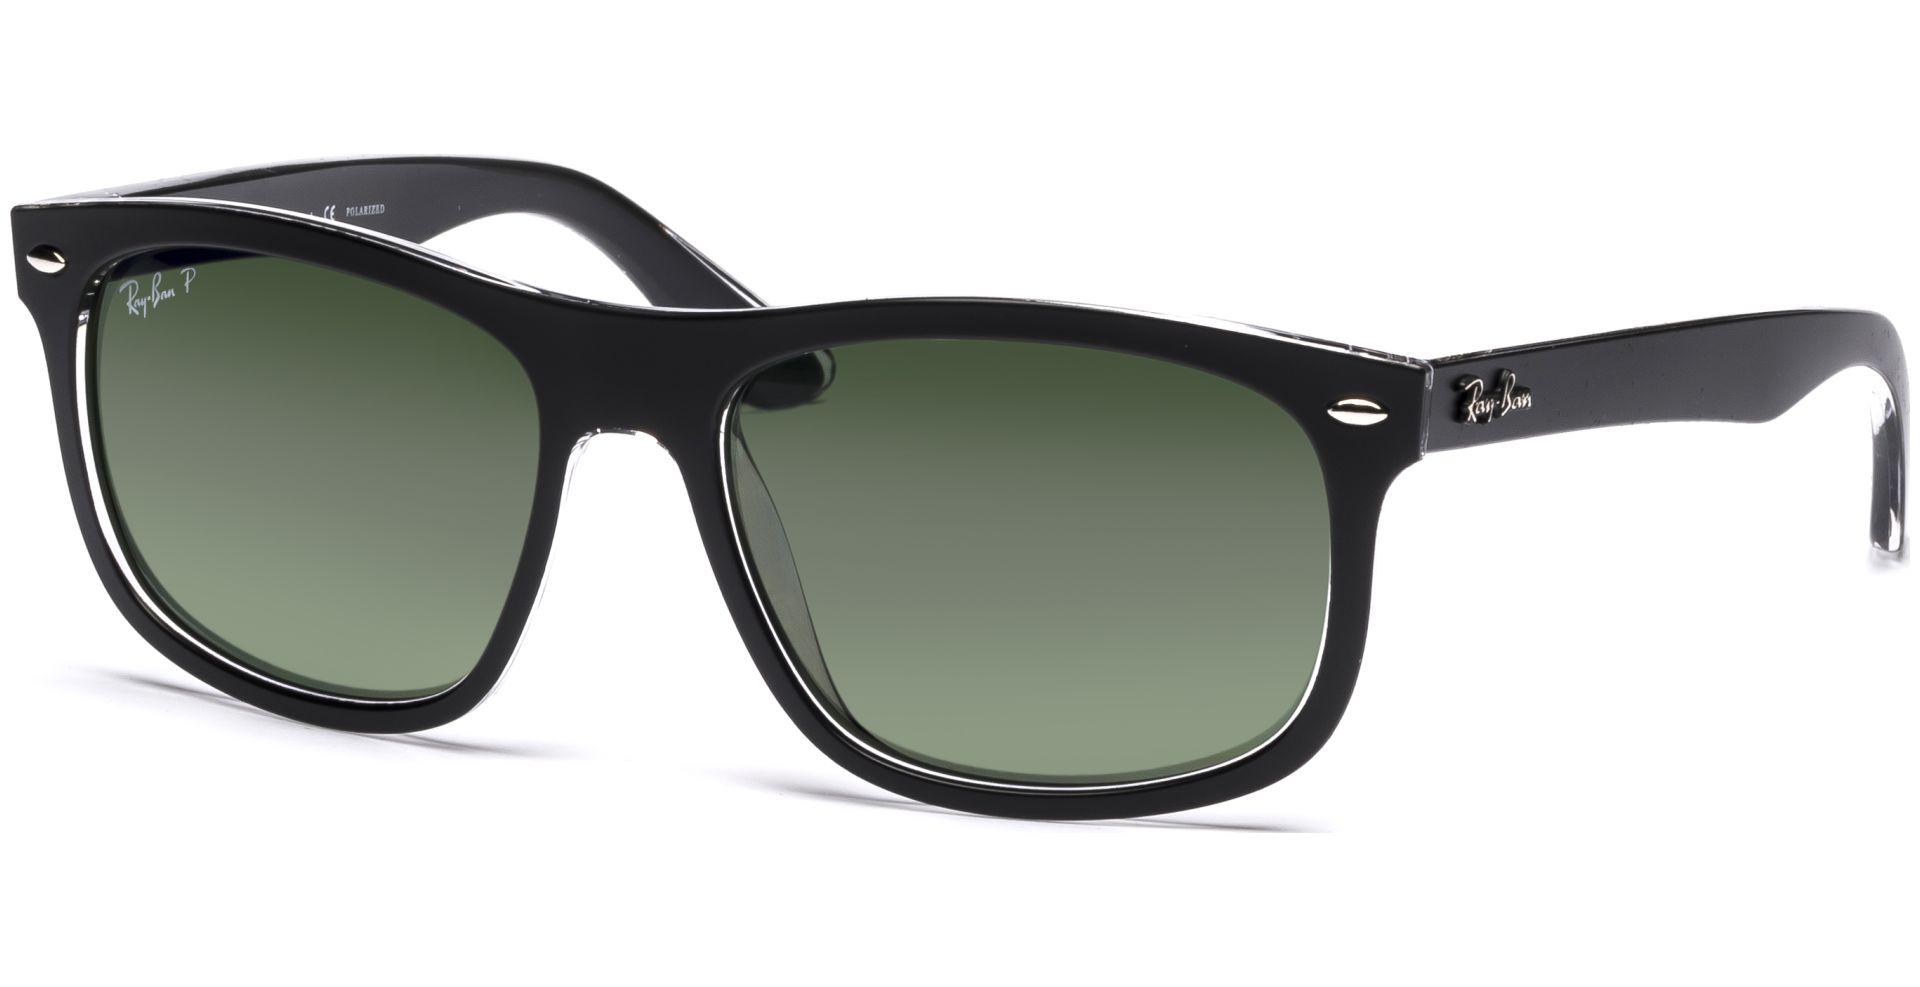 8384c5cdebf 4226 60529A 5616 Top Matte on Transparent Dark Green Polar von Ray-Ban Auch  als Sonnenbrille bestellbar!